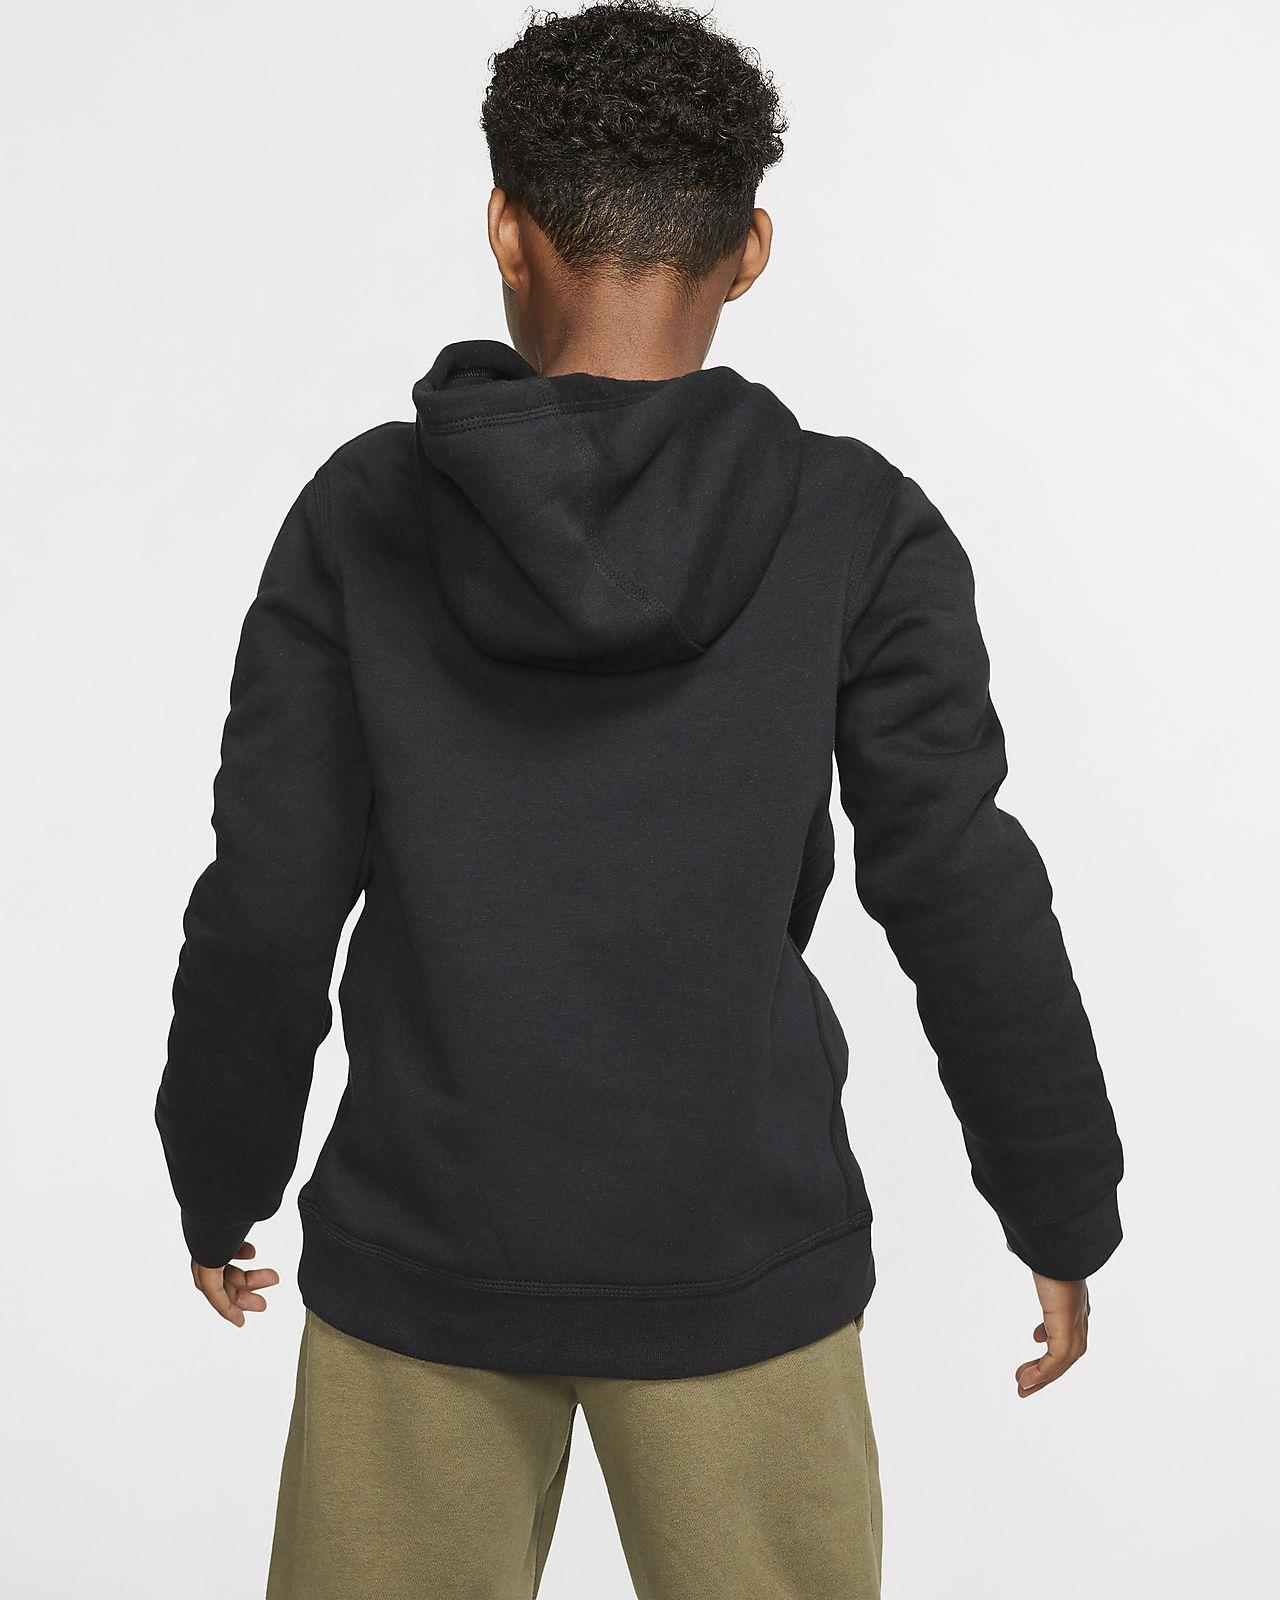 Nike Sportswear Older Kids' (Boys') Camo Pullover Hoodie